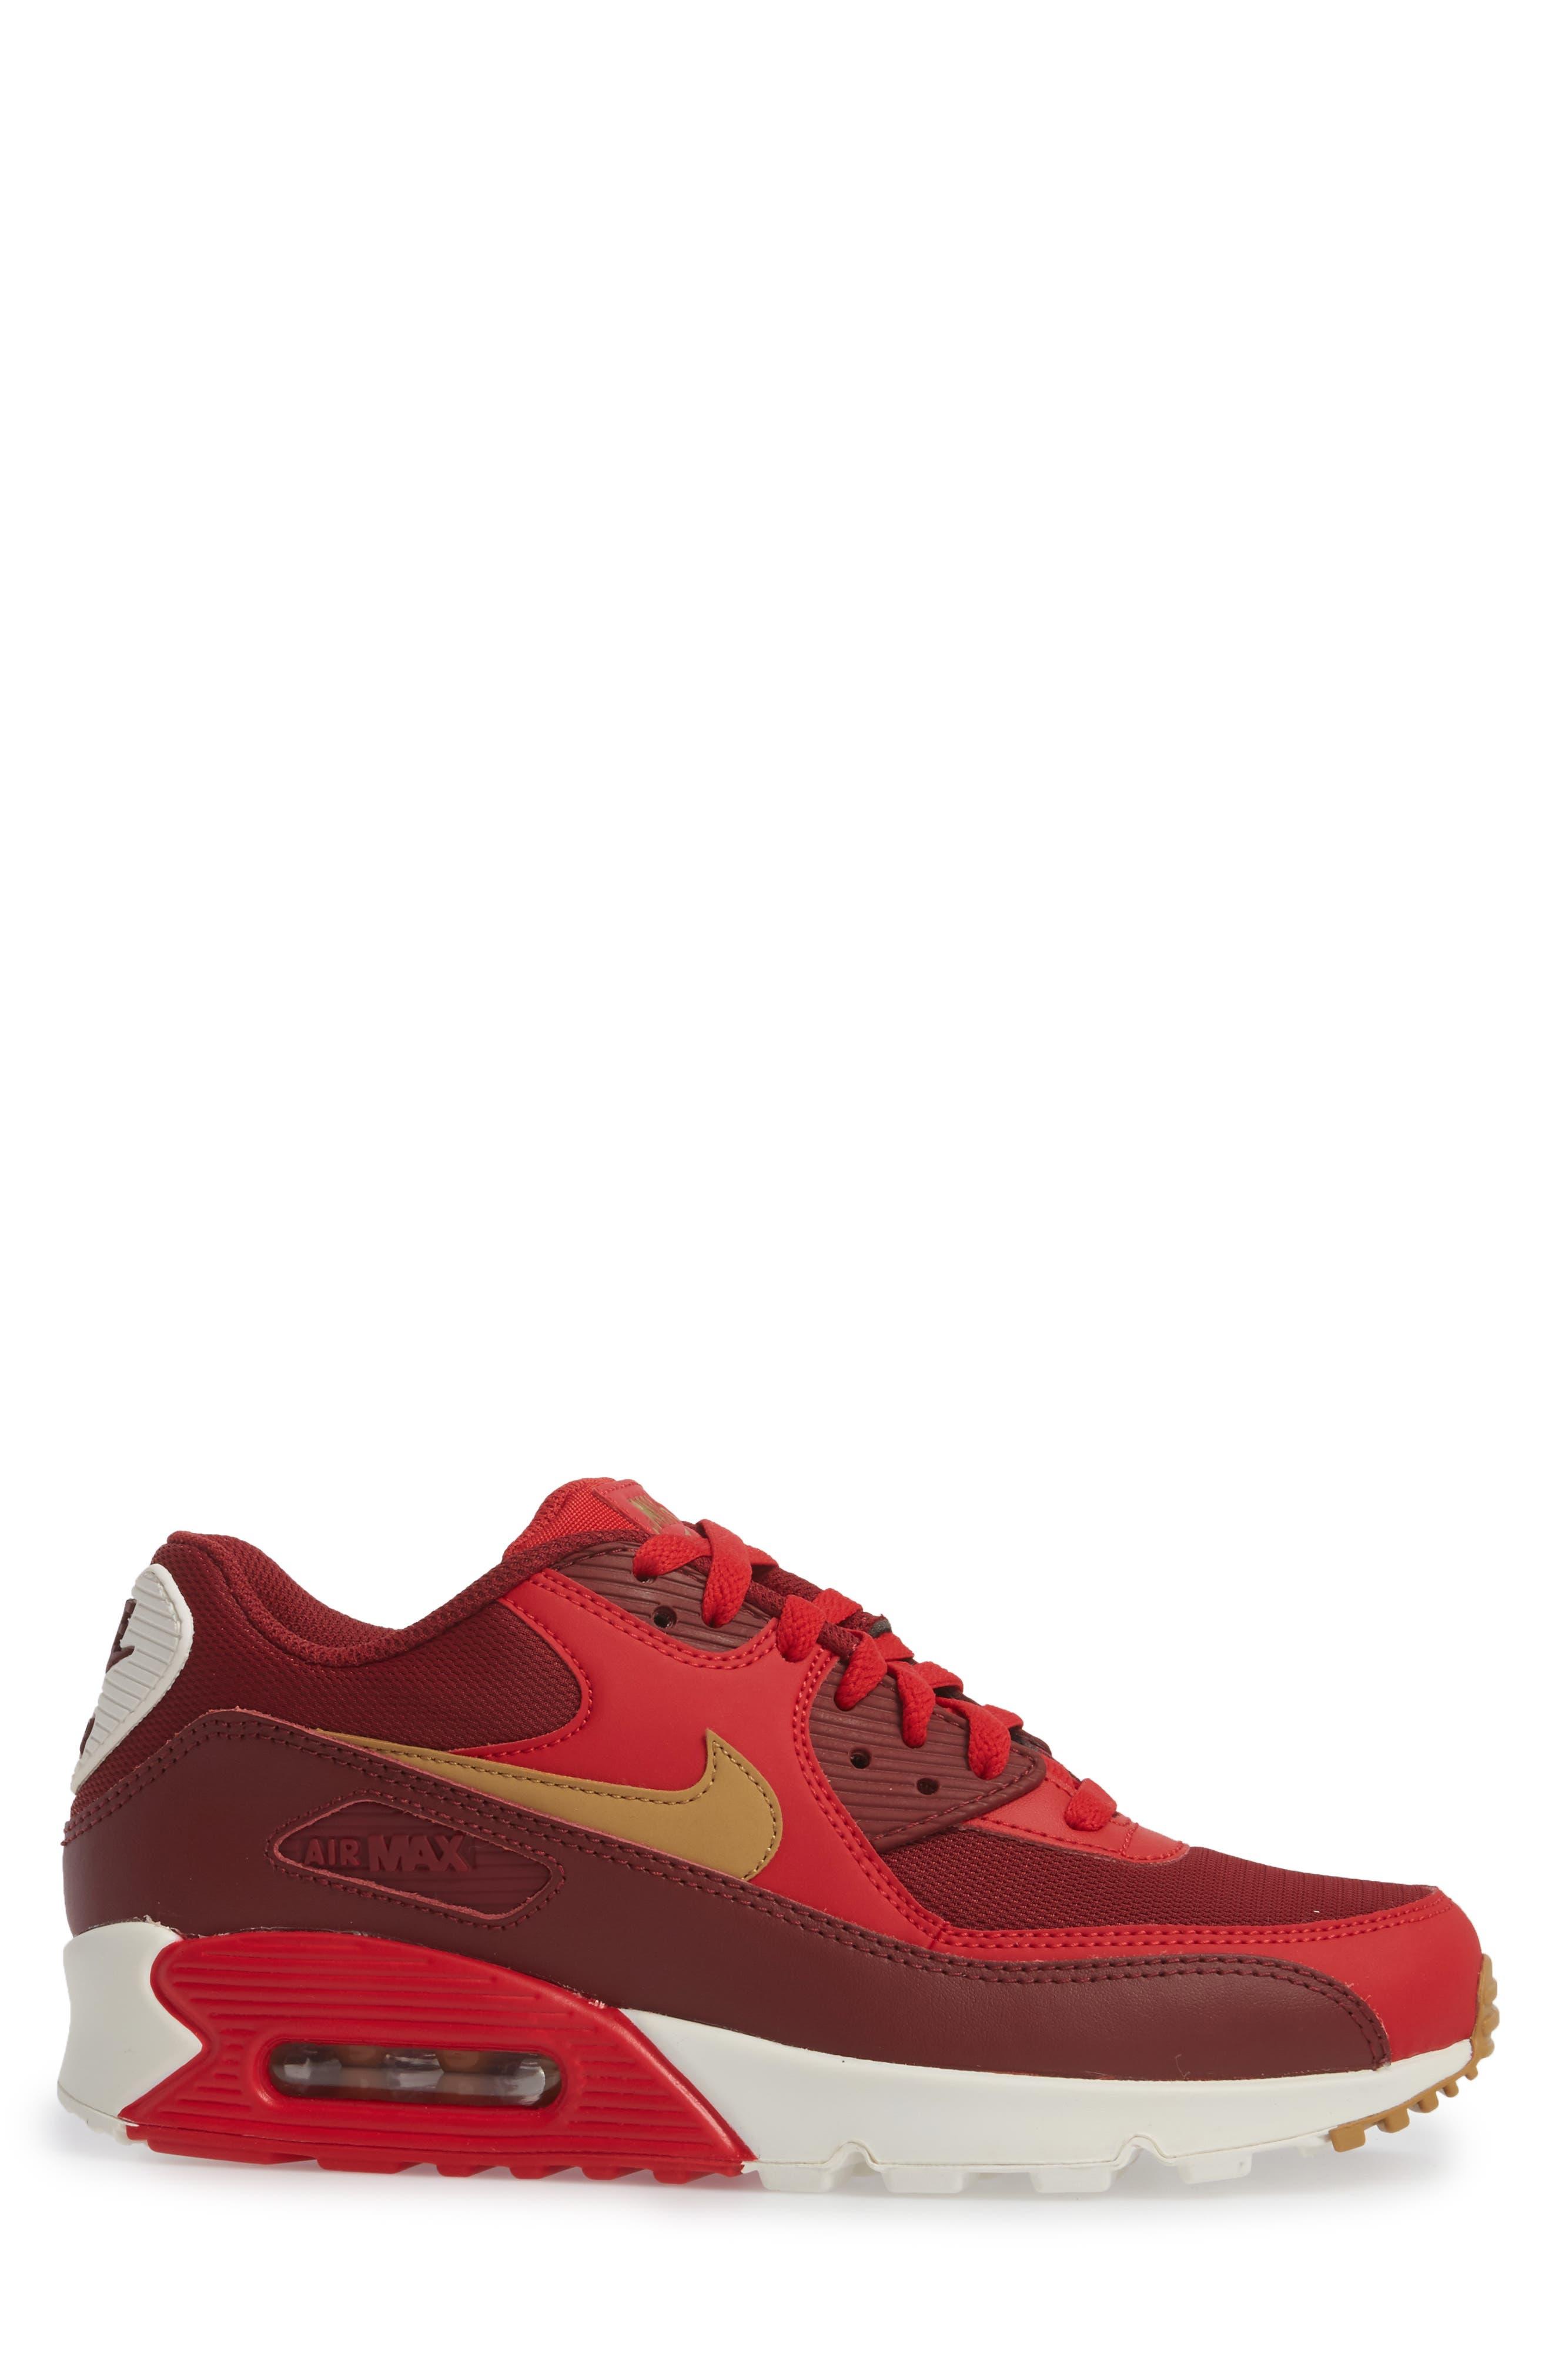 Alternate Image 3  - Nike 'Air Max 90 Essential' Sneaker (Men)